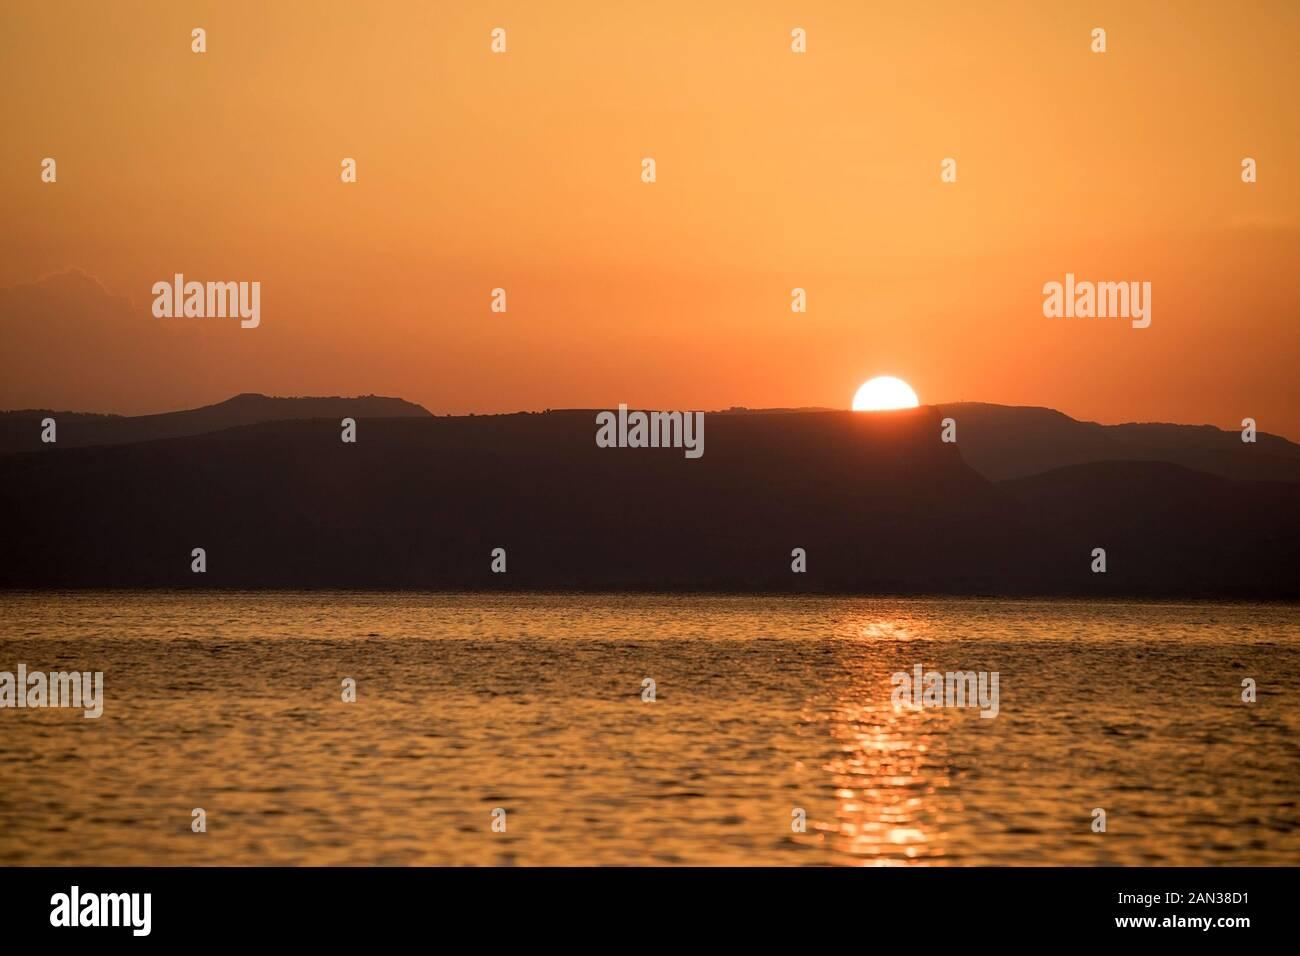 Puesta de sol sobre el mar de Galilea, el lago de agua dulce más grande de Israel Foto de stock